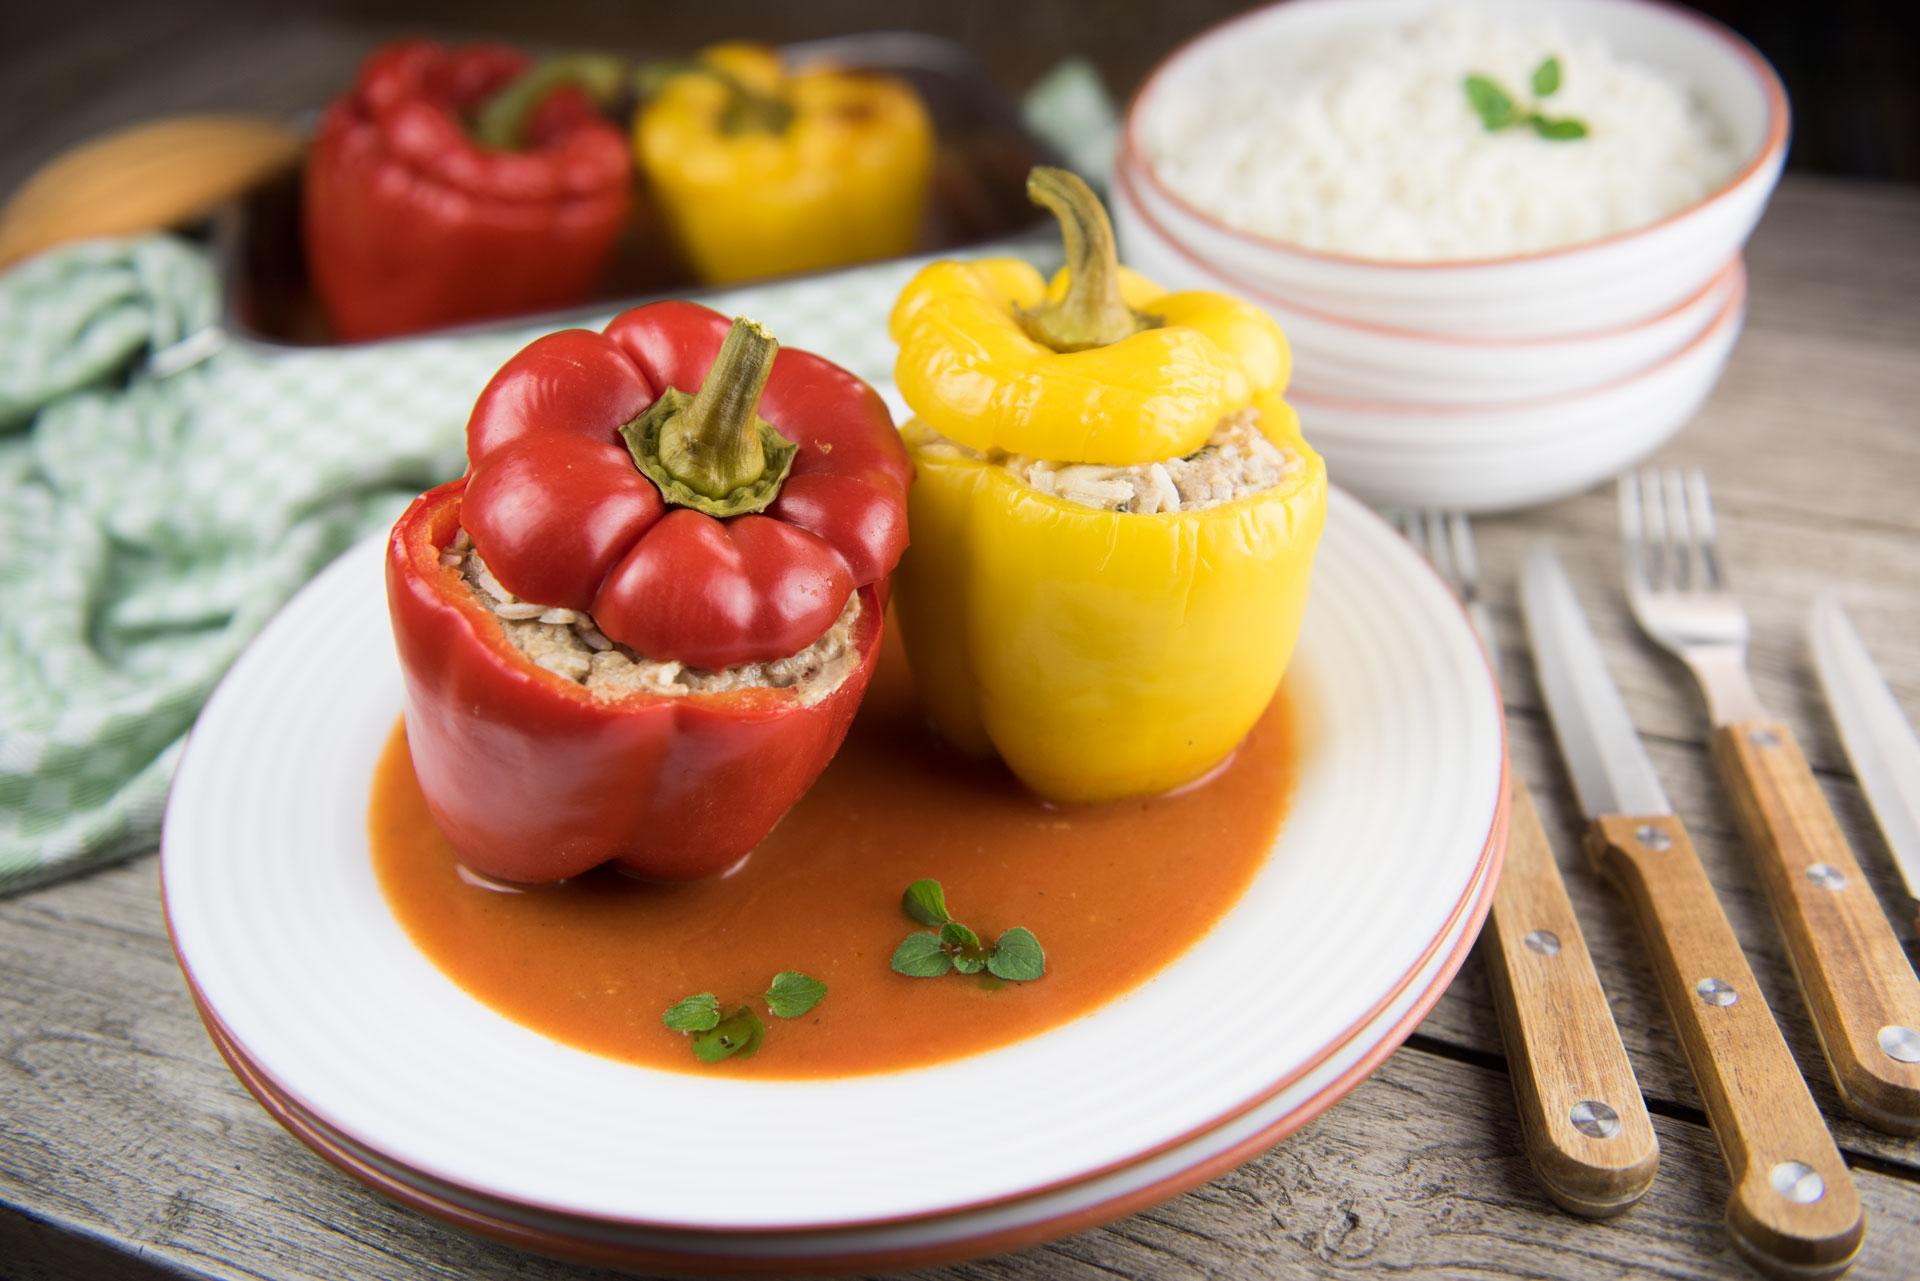 Gefüllte Paprikaschoten Ungarischer Art mit Gefüllte Paprika Mit Hackfleisch Einfach